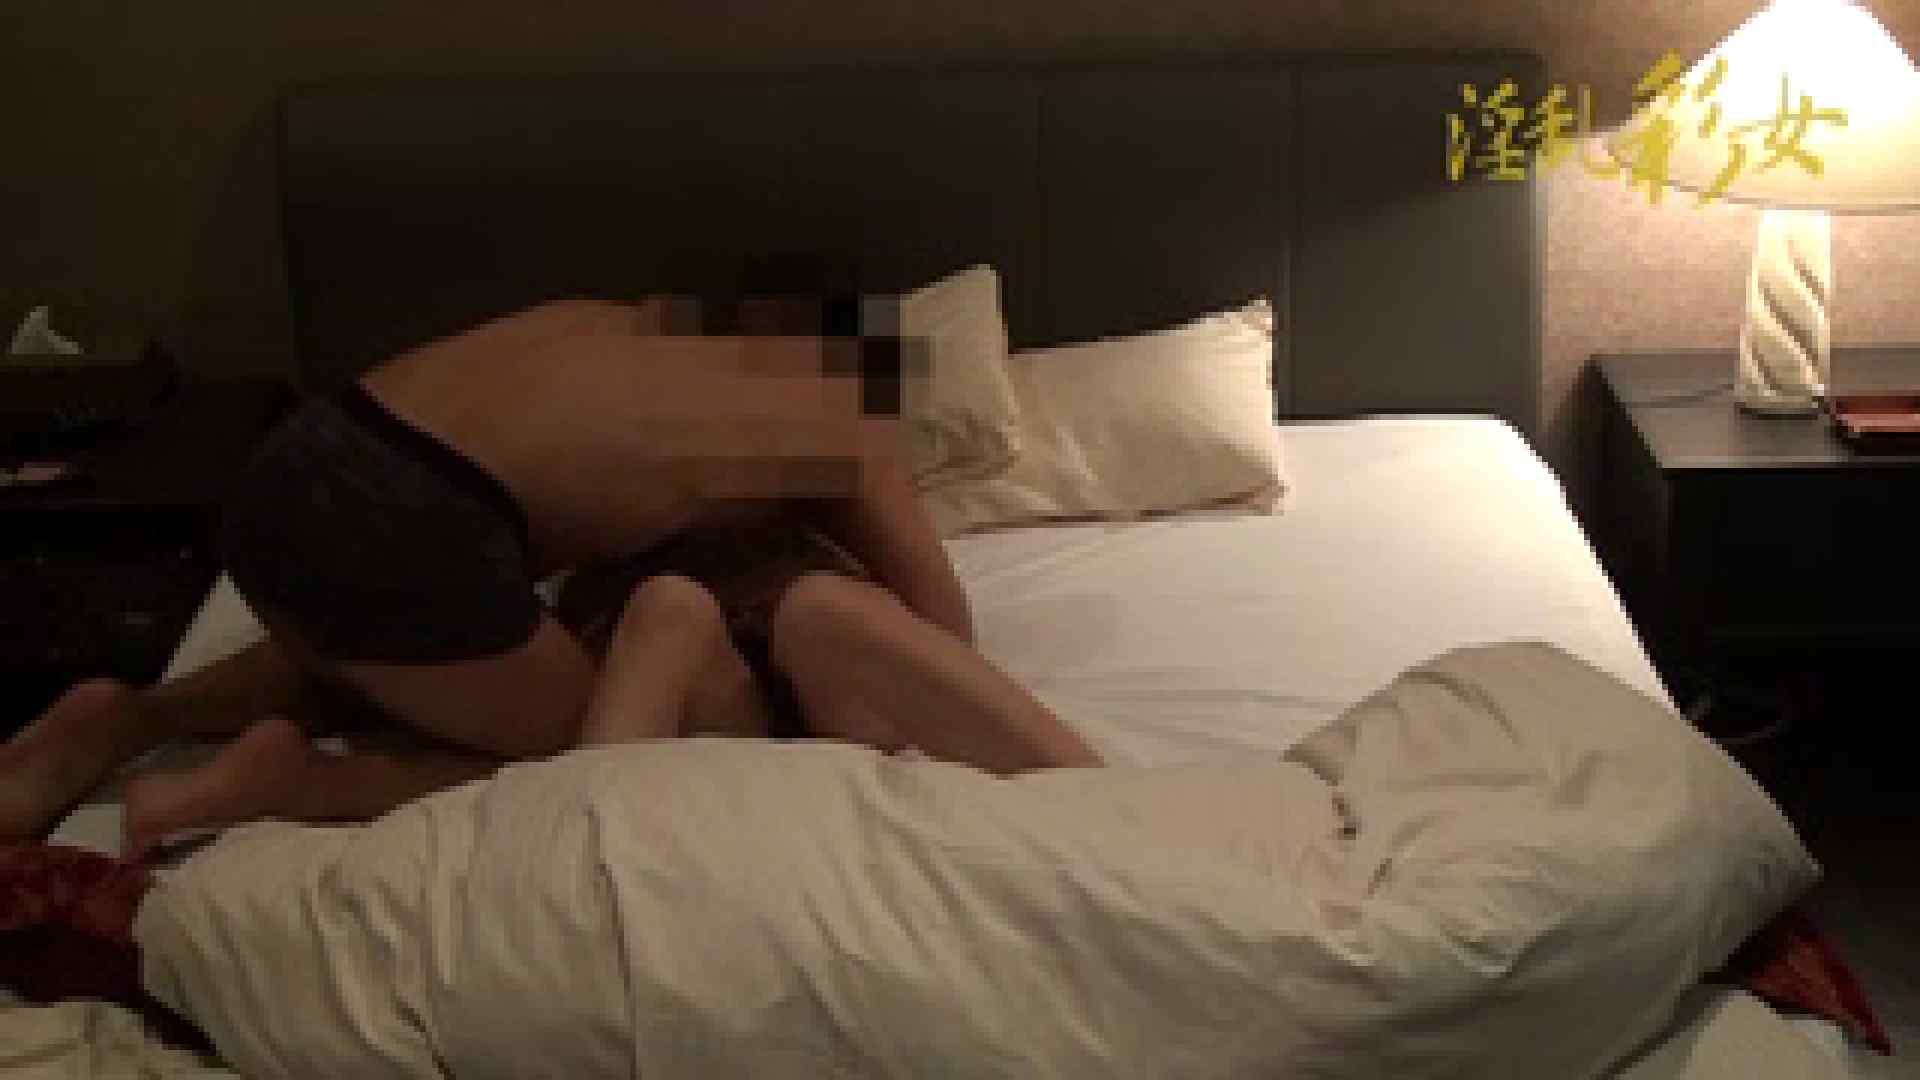 淫乱彩女麻優里 30歳デカマラ単独君 ハイビジョン 入浴シーン | 高画質  26連発 17